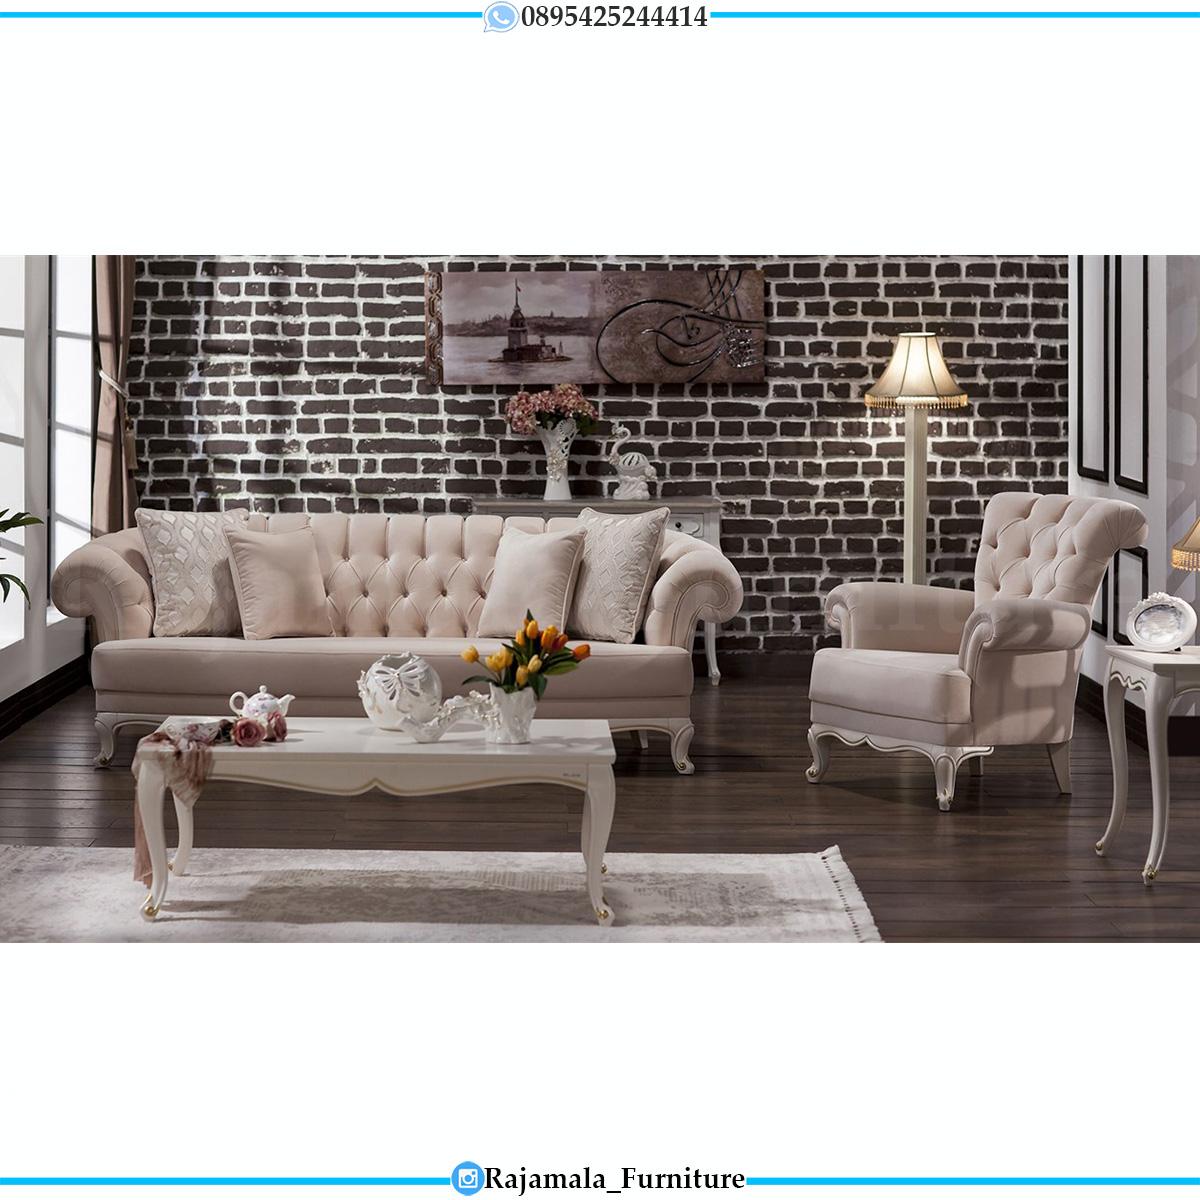 Sofa Tamu Minimalis Putih Luxury Shabby Chic Furniture Jepara RM-0623